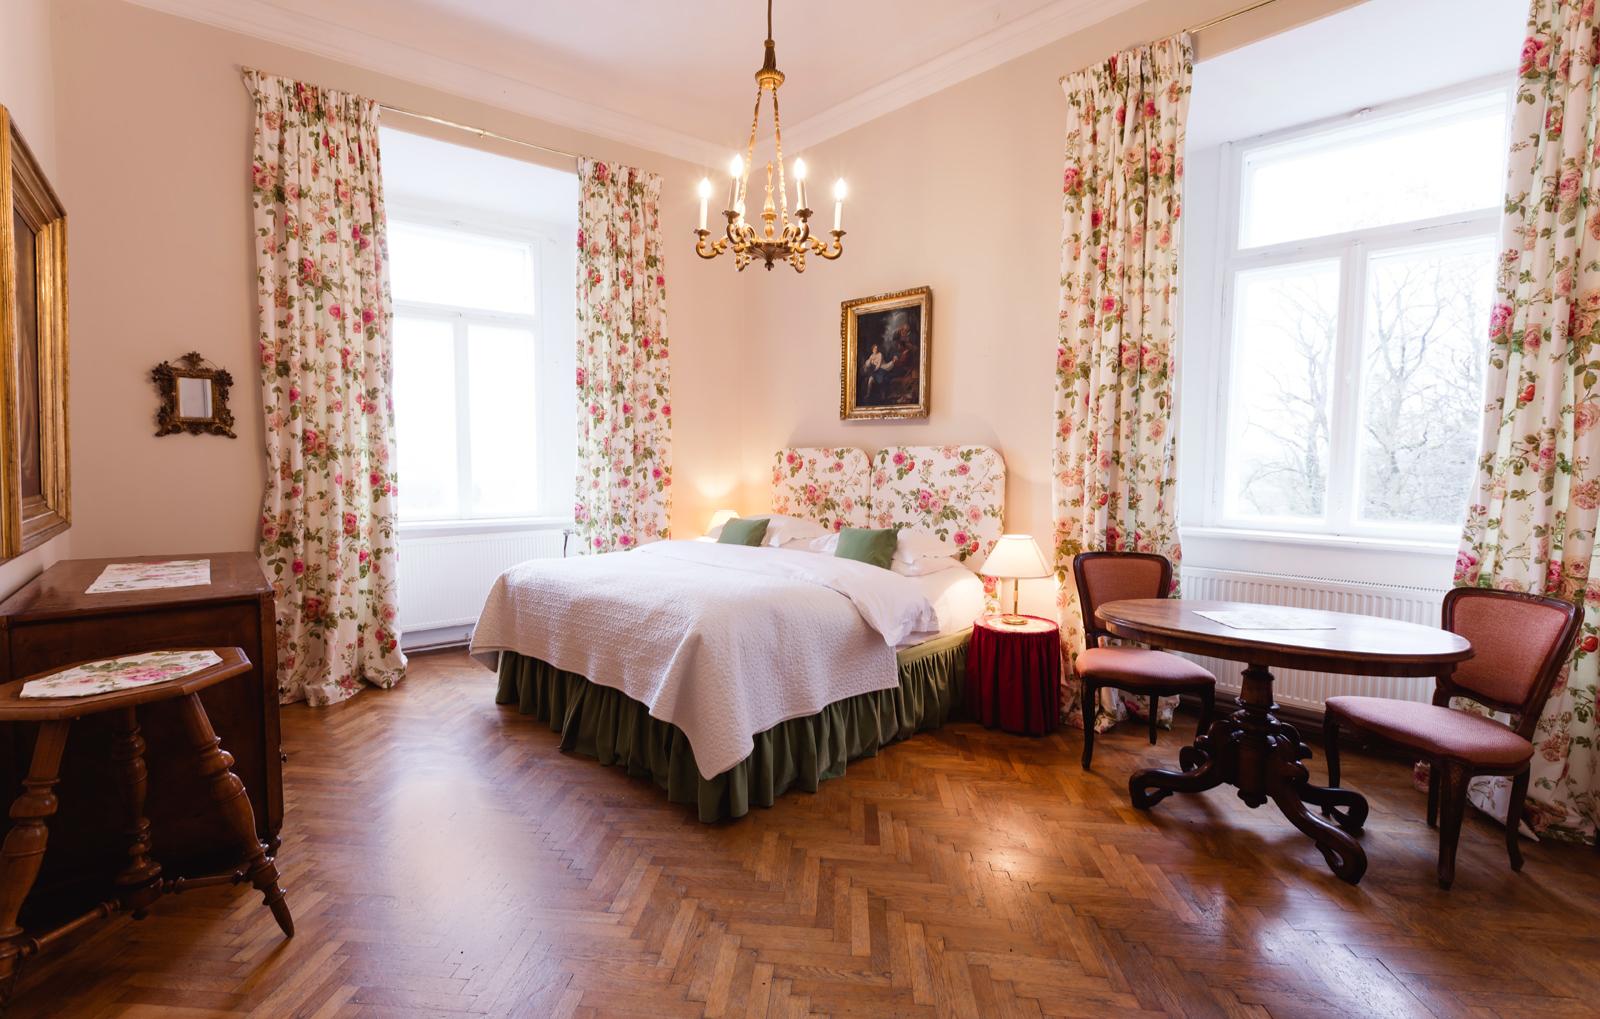 schlosshotels-steinakirchen-am-forst-bg11624374019